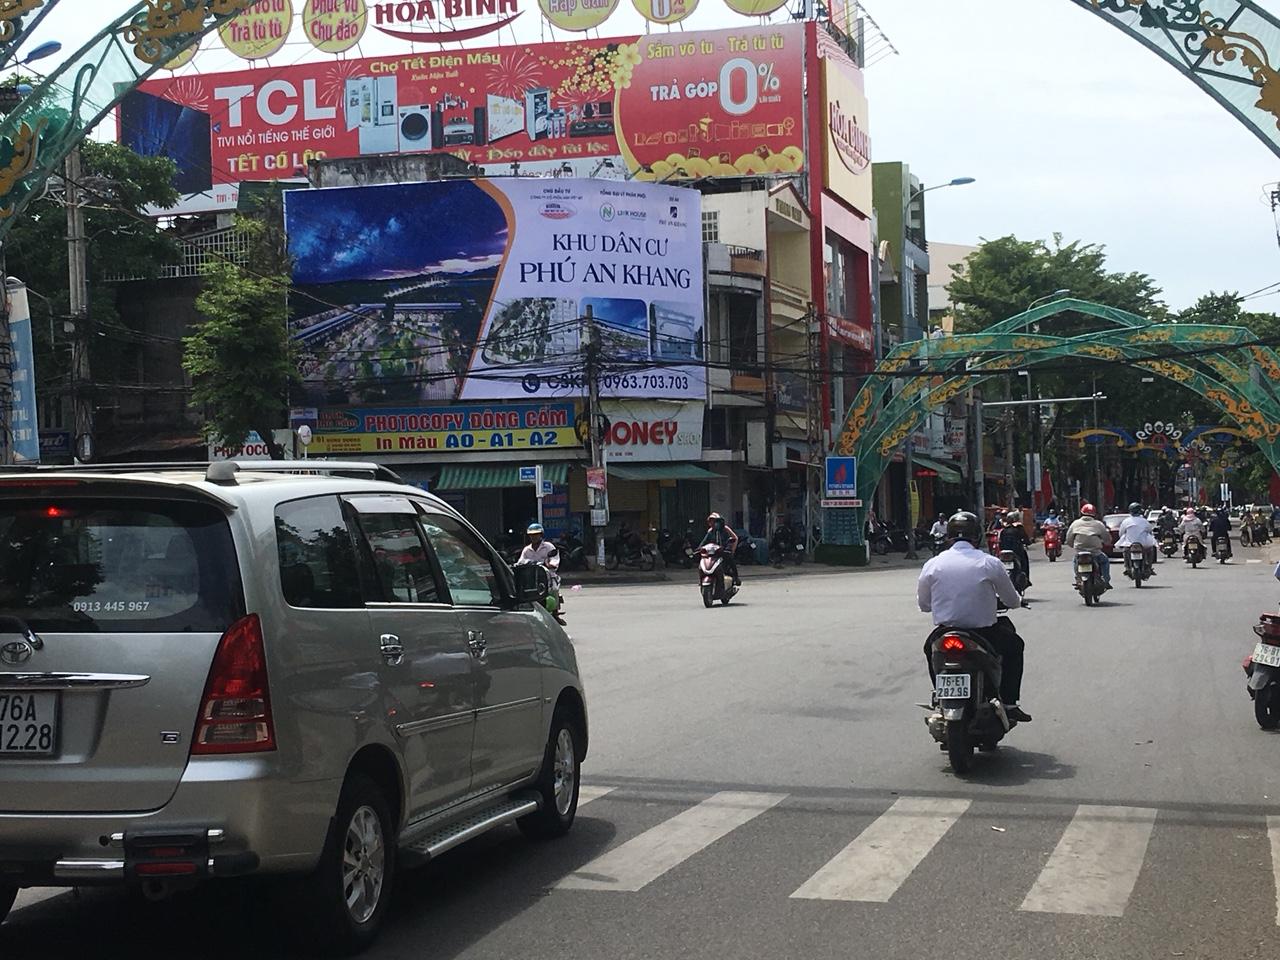 NGÃ TƯ HÙNG VƯƠNG + QUANG TRUNG-QNgai-004